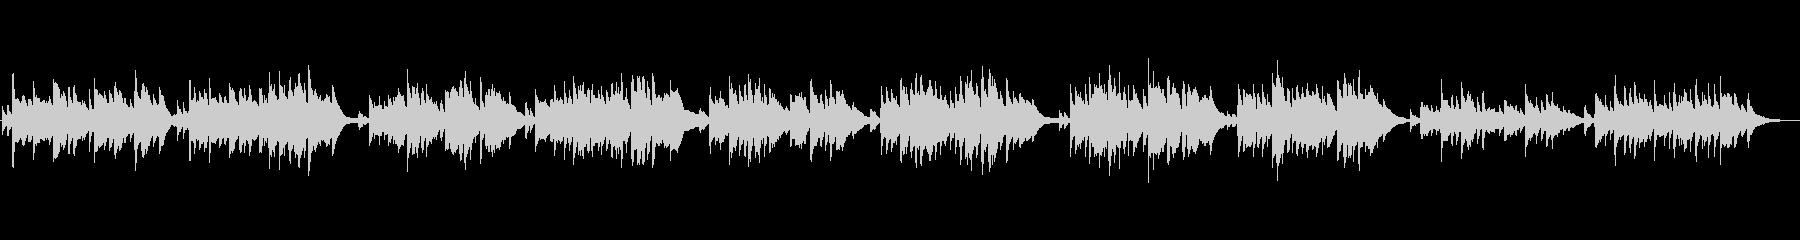 クラシック 中世のの未再生の波形